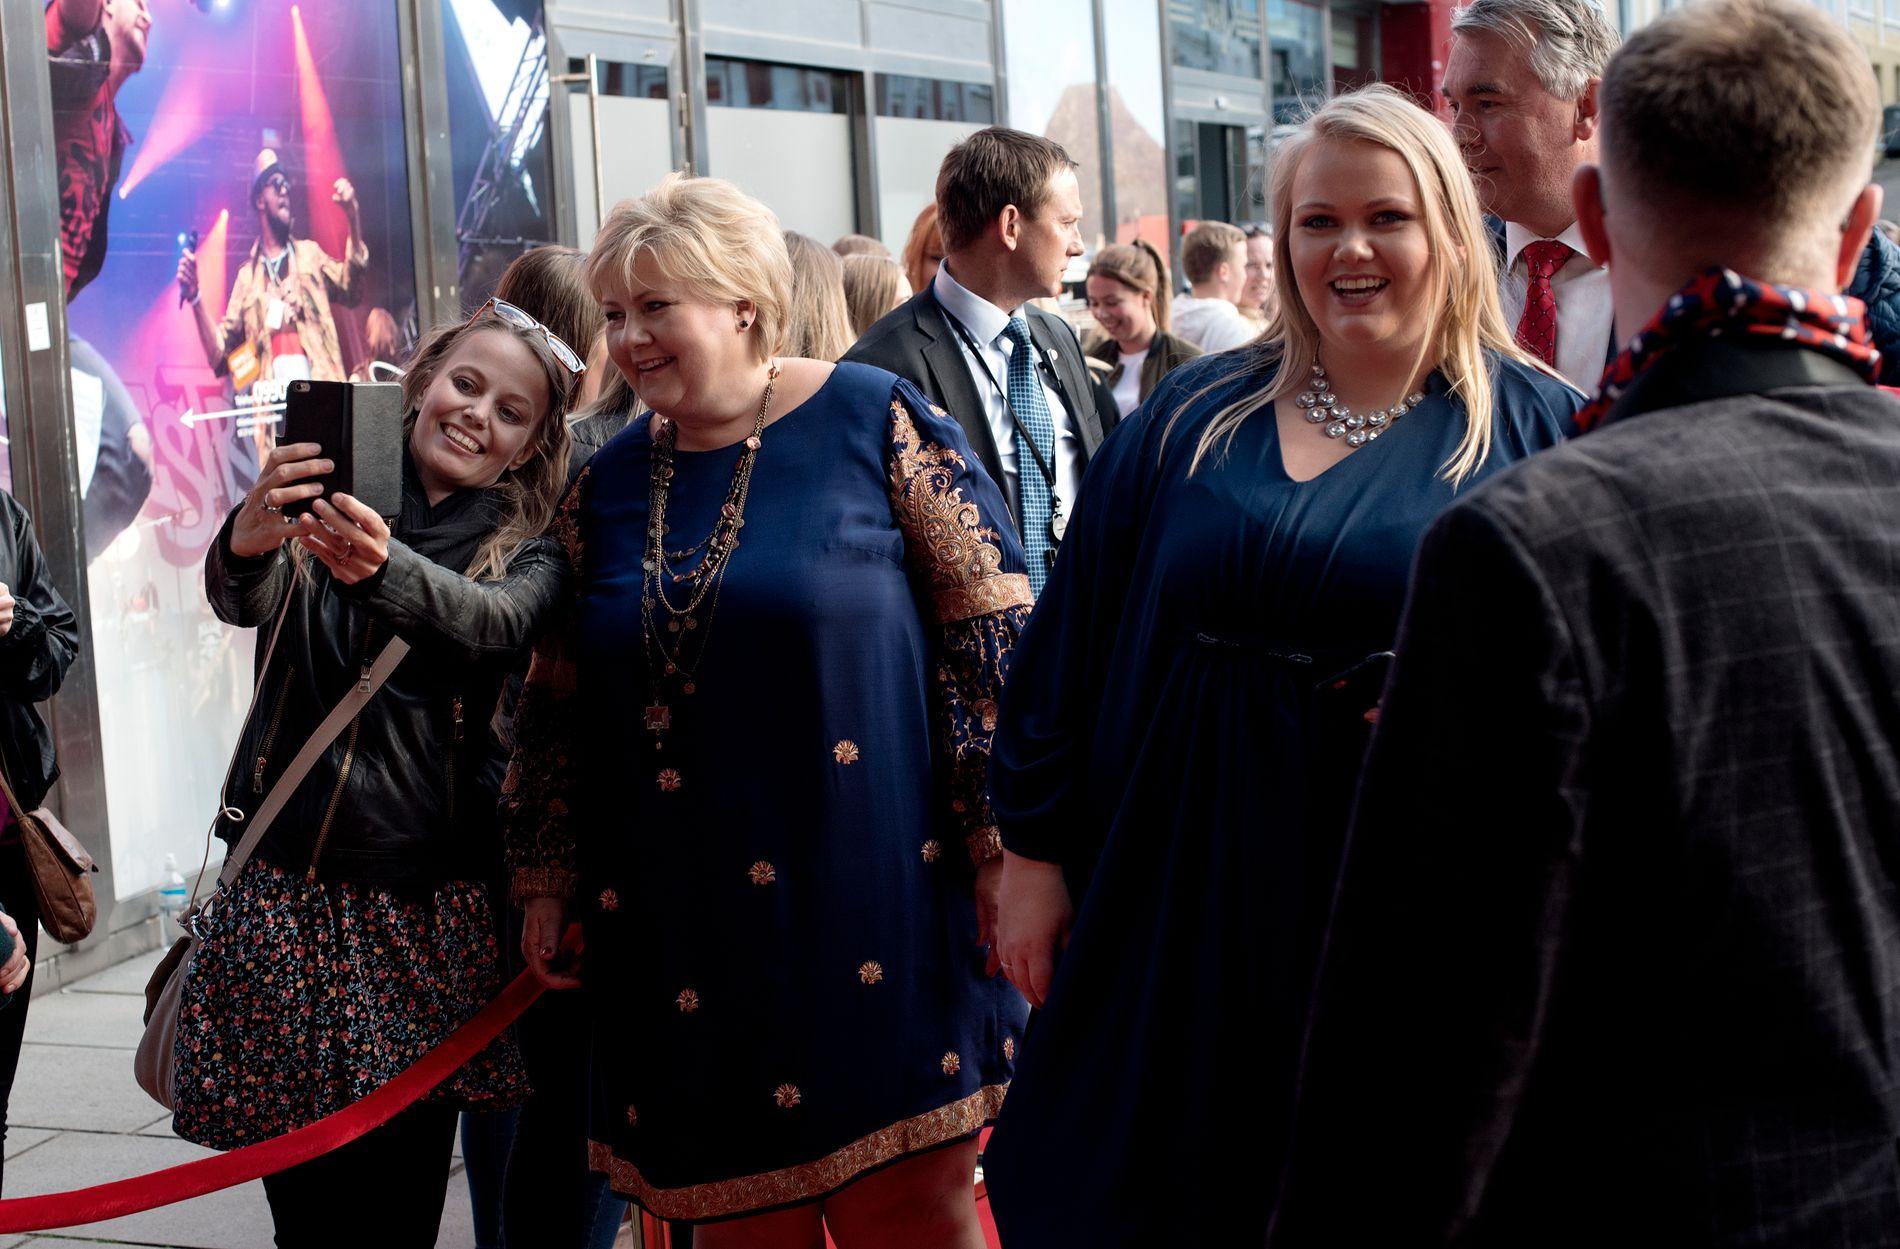 SELFIEKØ: Det var tett med kjendiser på den røde løperen utenfor Grieghallen fredag kveld, og selfie- og autografjegerne sto parat. Statsminister Erna Solberg var blant dem som stoppet opp for å møte publikum.